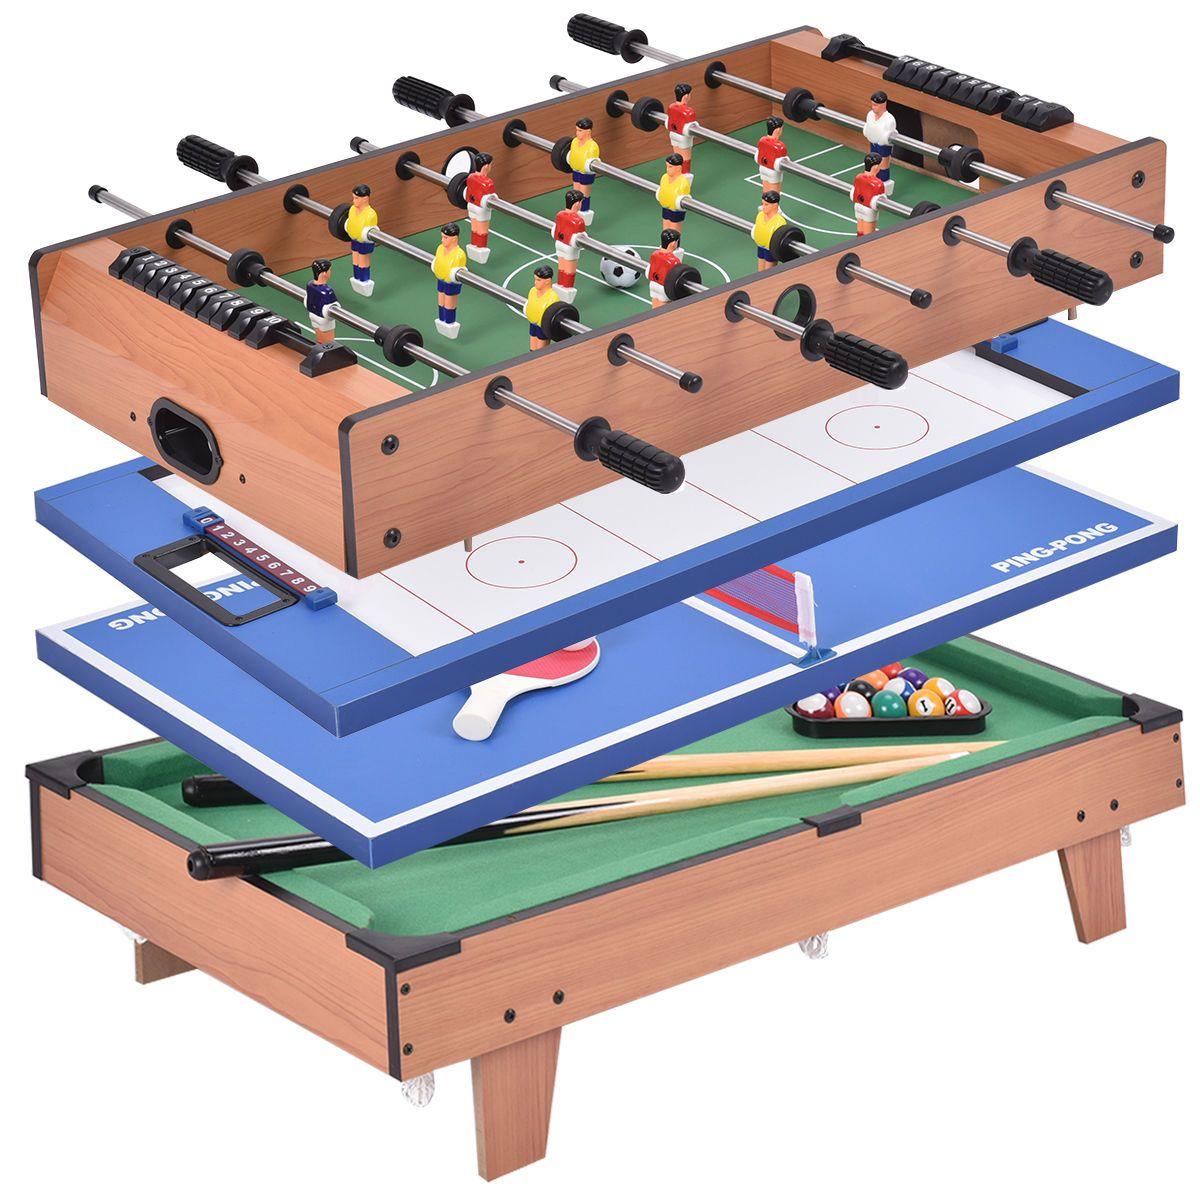 4 In 1 Multi Game Hockey Tennis Football Pool Table Multi Game Table Foosball Table Table Games